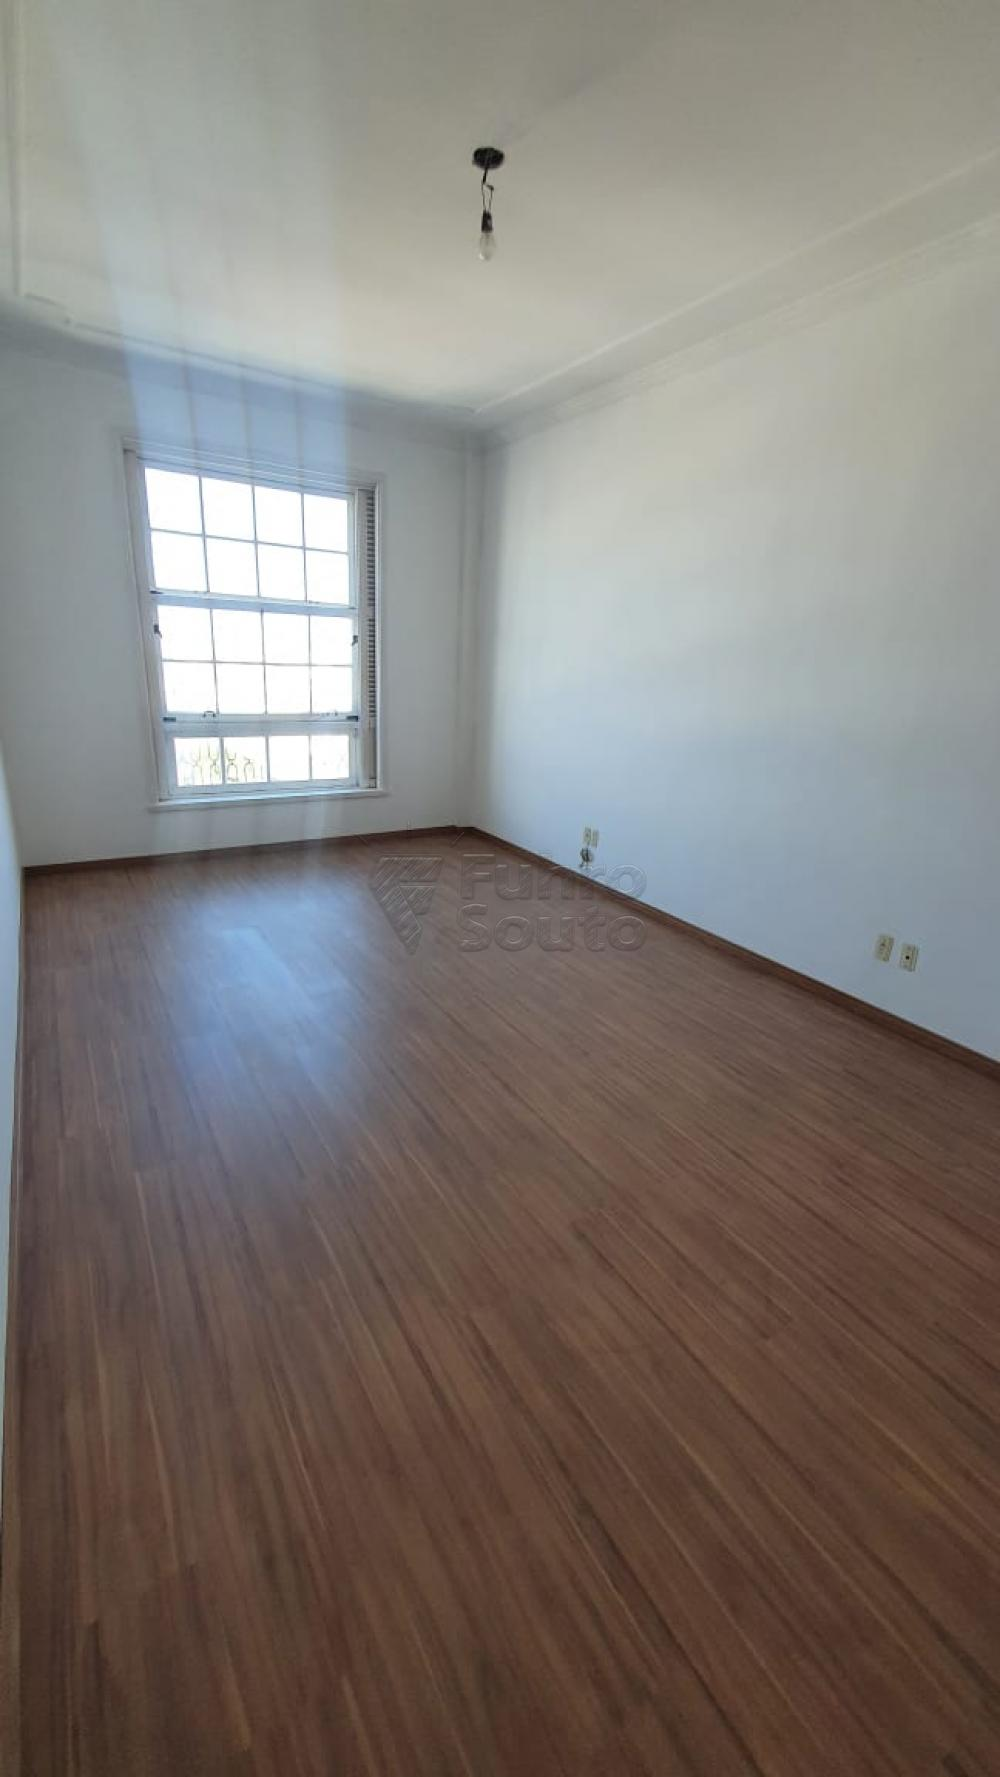 Comprar Apartamento / Padrão em Pelotas R$ 420.000,00 - Foto 18